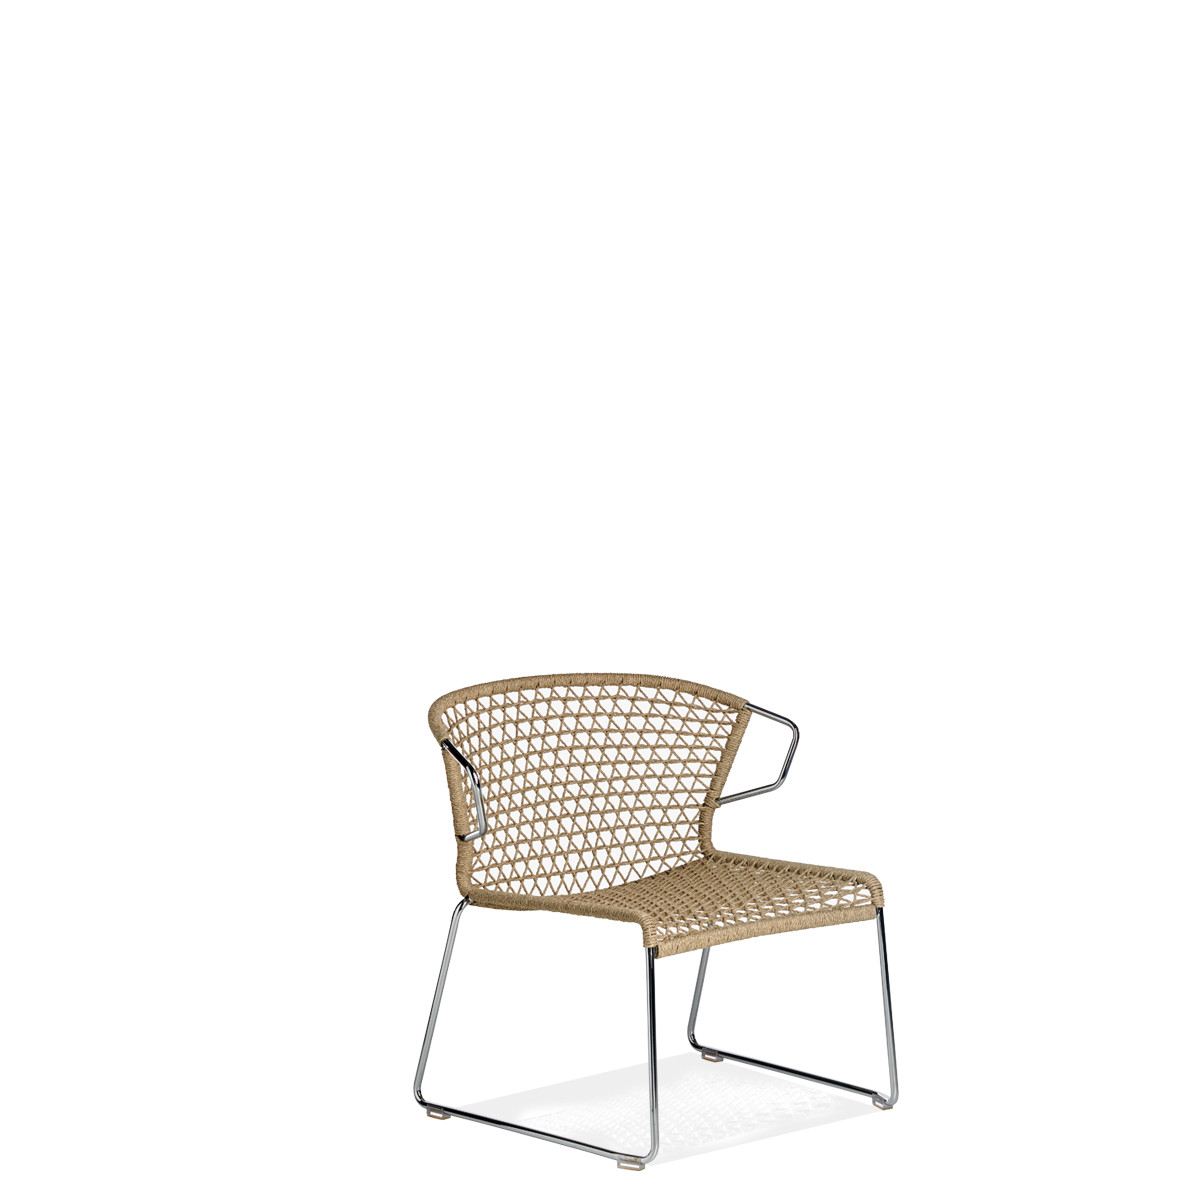 Entdecken Sie bei Conzept Beckord besondere Designmöbel! Hier finden Sie Potocco Sofas und Sessel: Vela